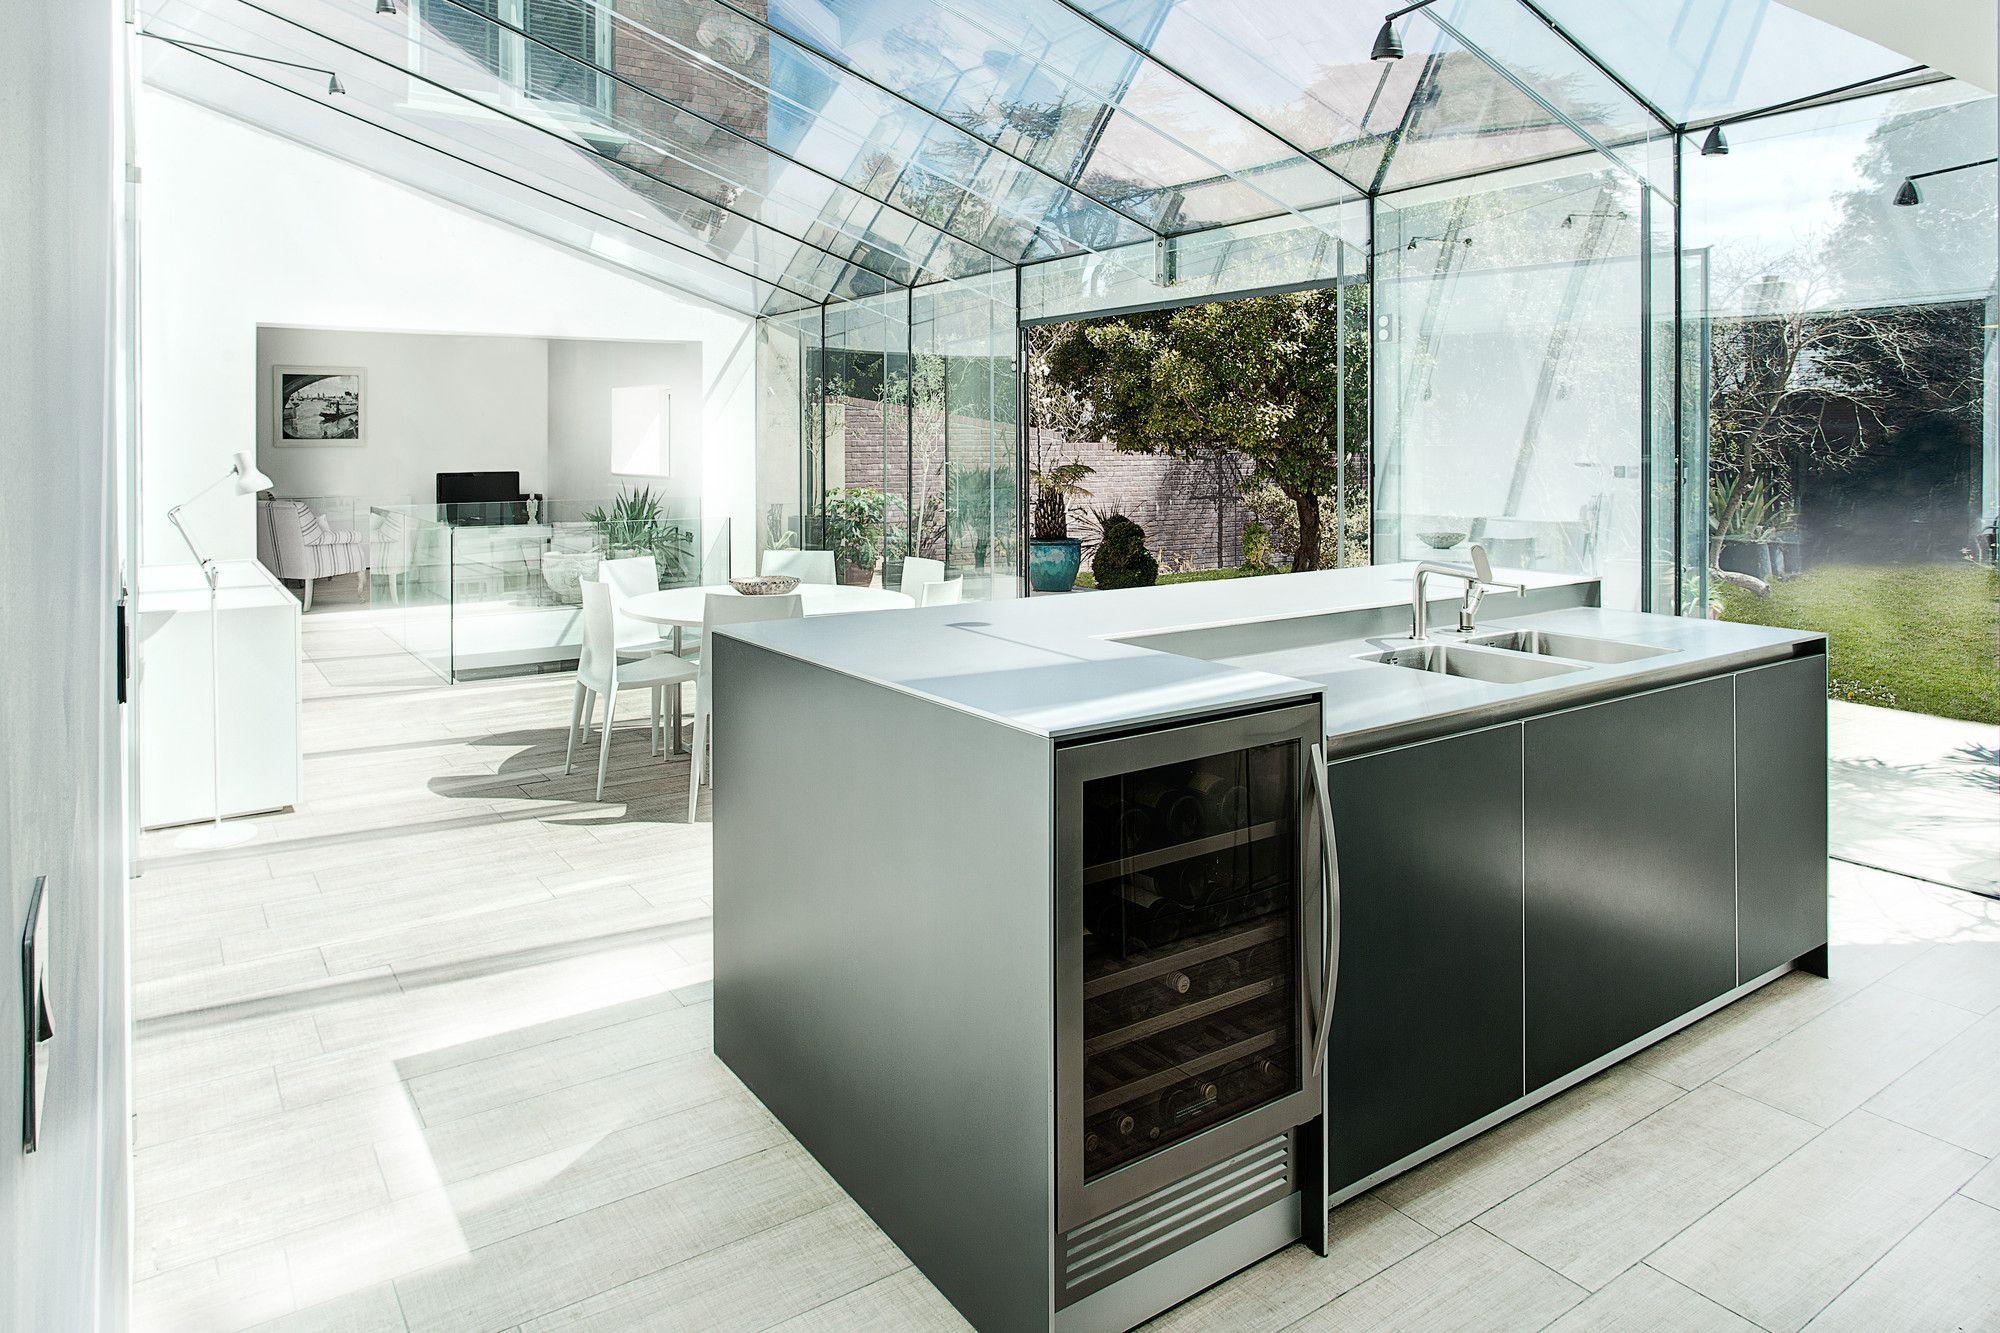 Cozinha Com Telhado Retr Til De Vidro Para Ajudar Na